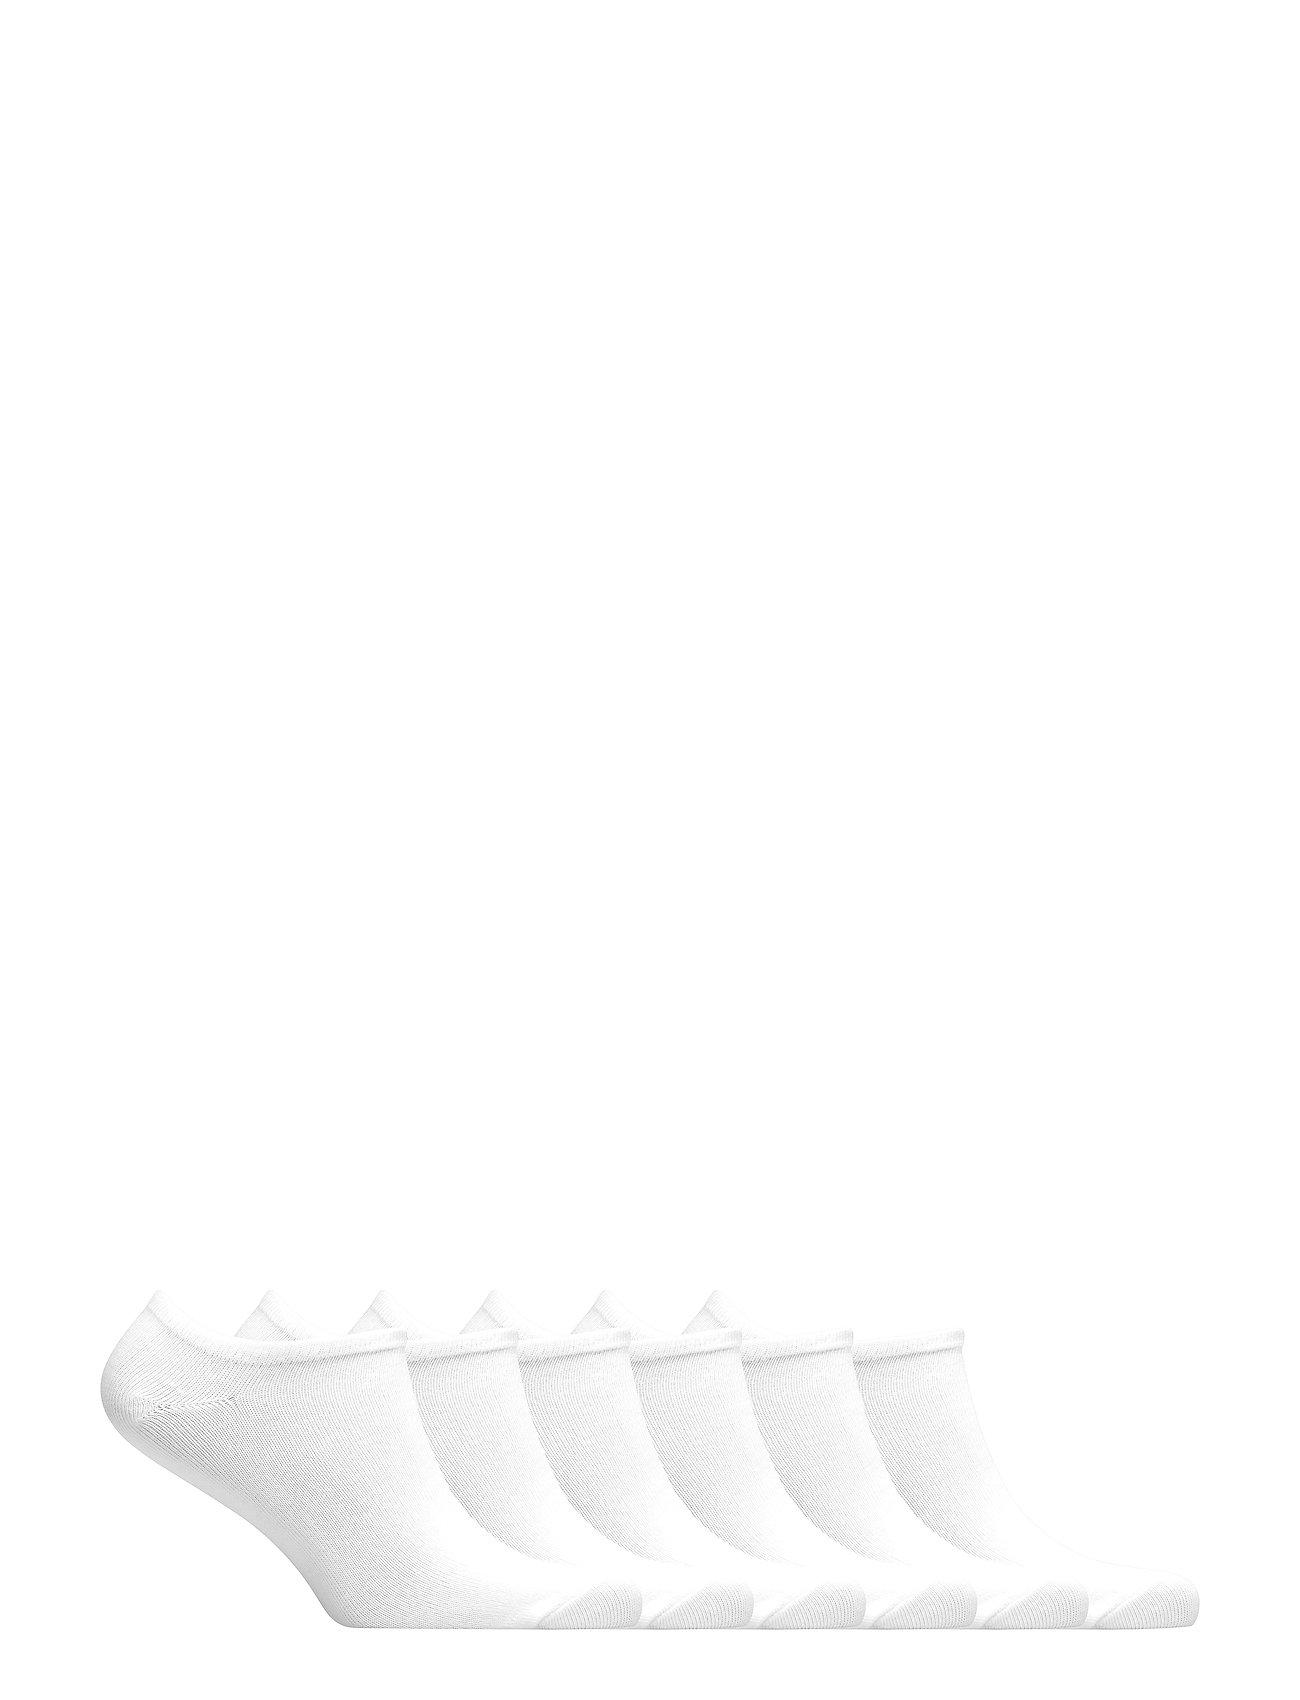 Polo Ralph Lauren Ultralow Sock 6-Pack - 150 WHITE ASSORTE